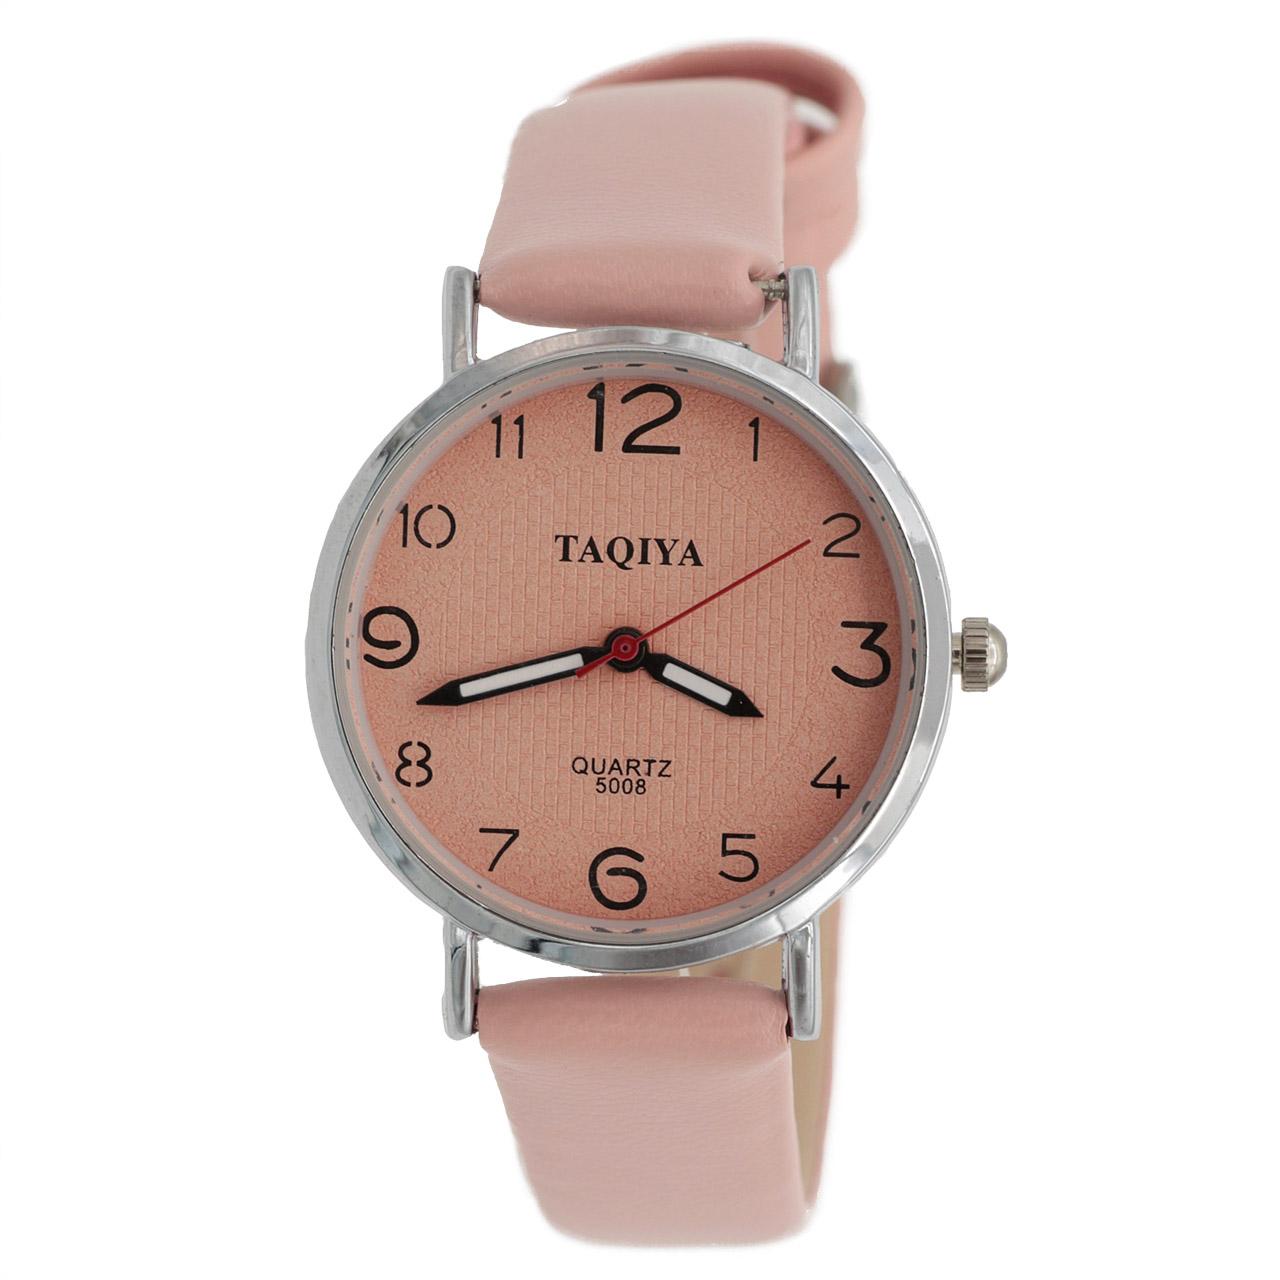 خرید ساعت مچی عقربه ای زنانه تاکیا مدل TA1951